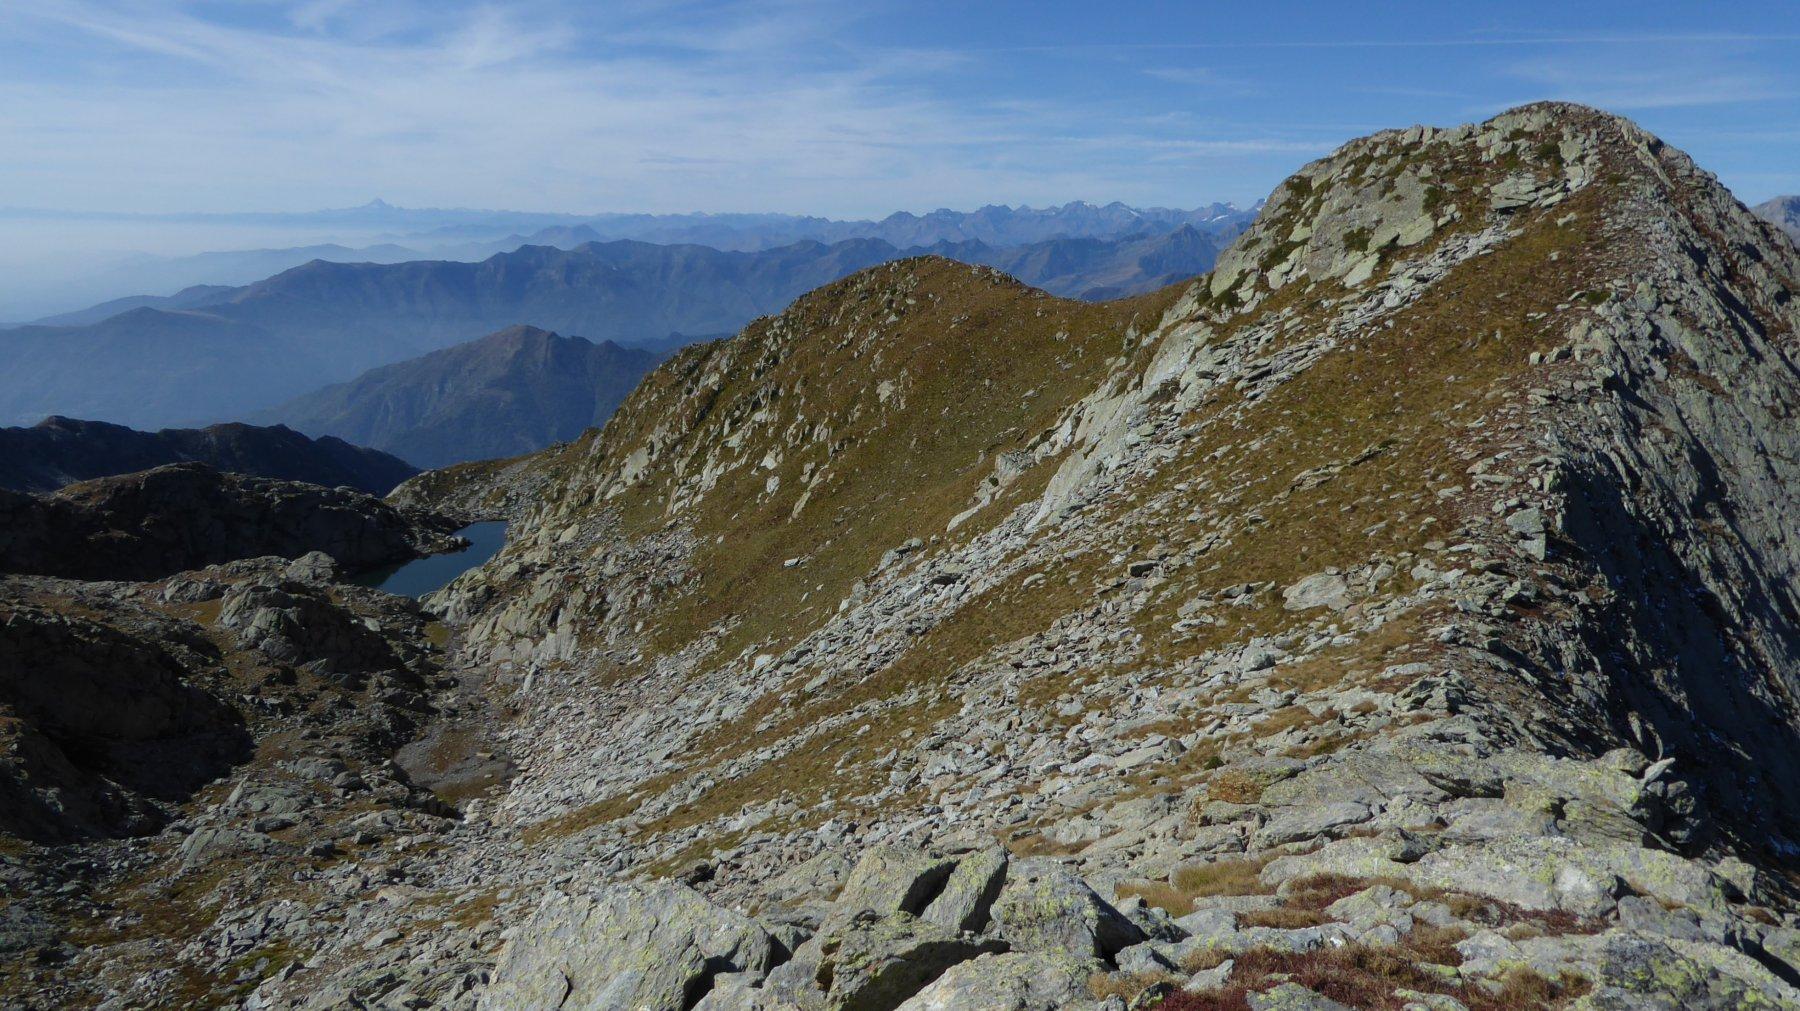 A destra, il Montin e il Colle superiore di Canaussa